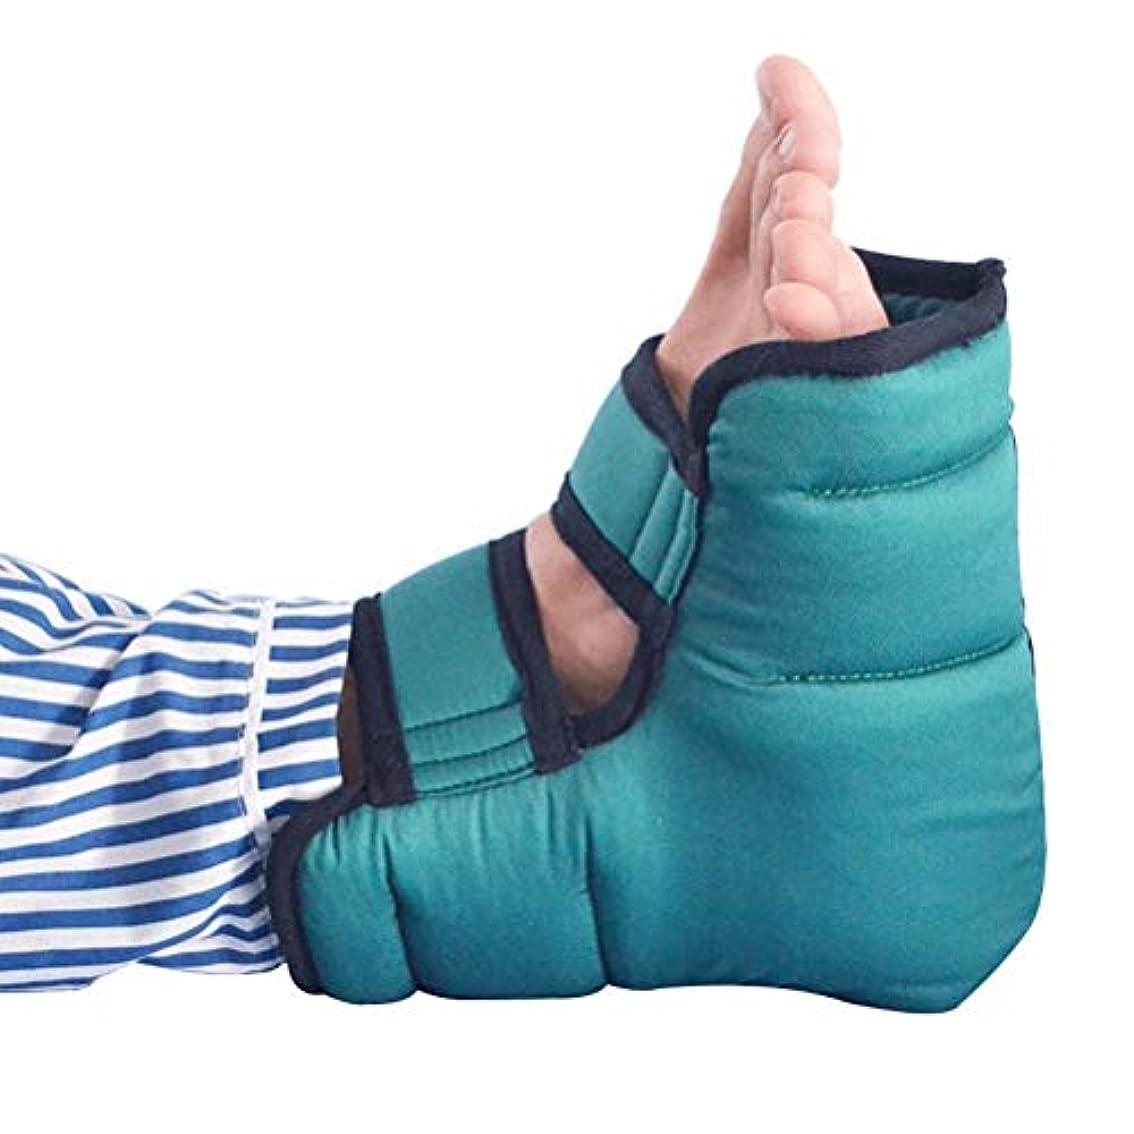 条件付き揺れる暴露するBed瘡防止綿通気性ヒールクッション、圧力緩和ヒールプロテクター、通気性ヒールプロテクター枕、青、1ペア、24×23 cm